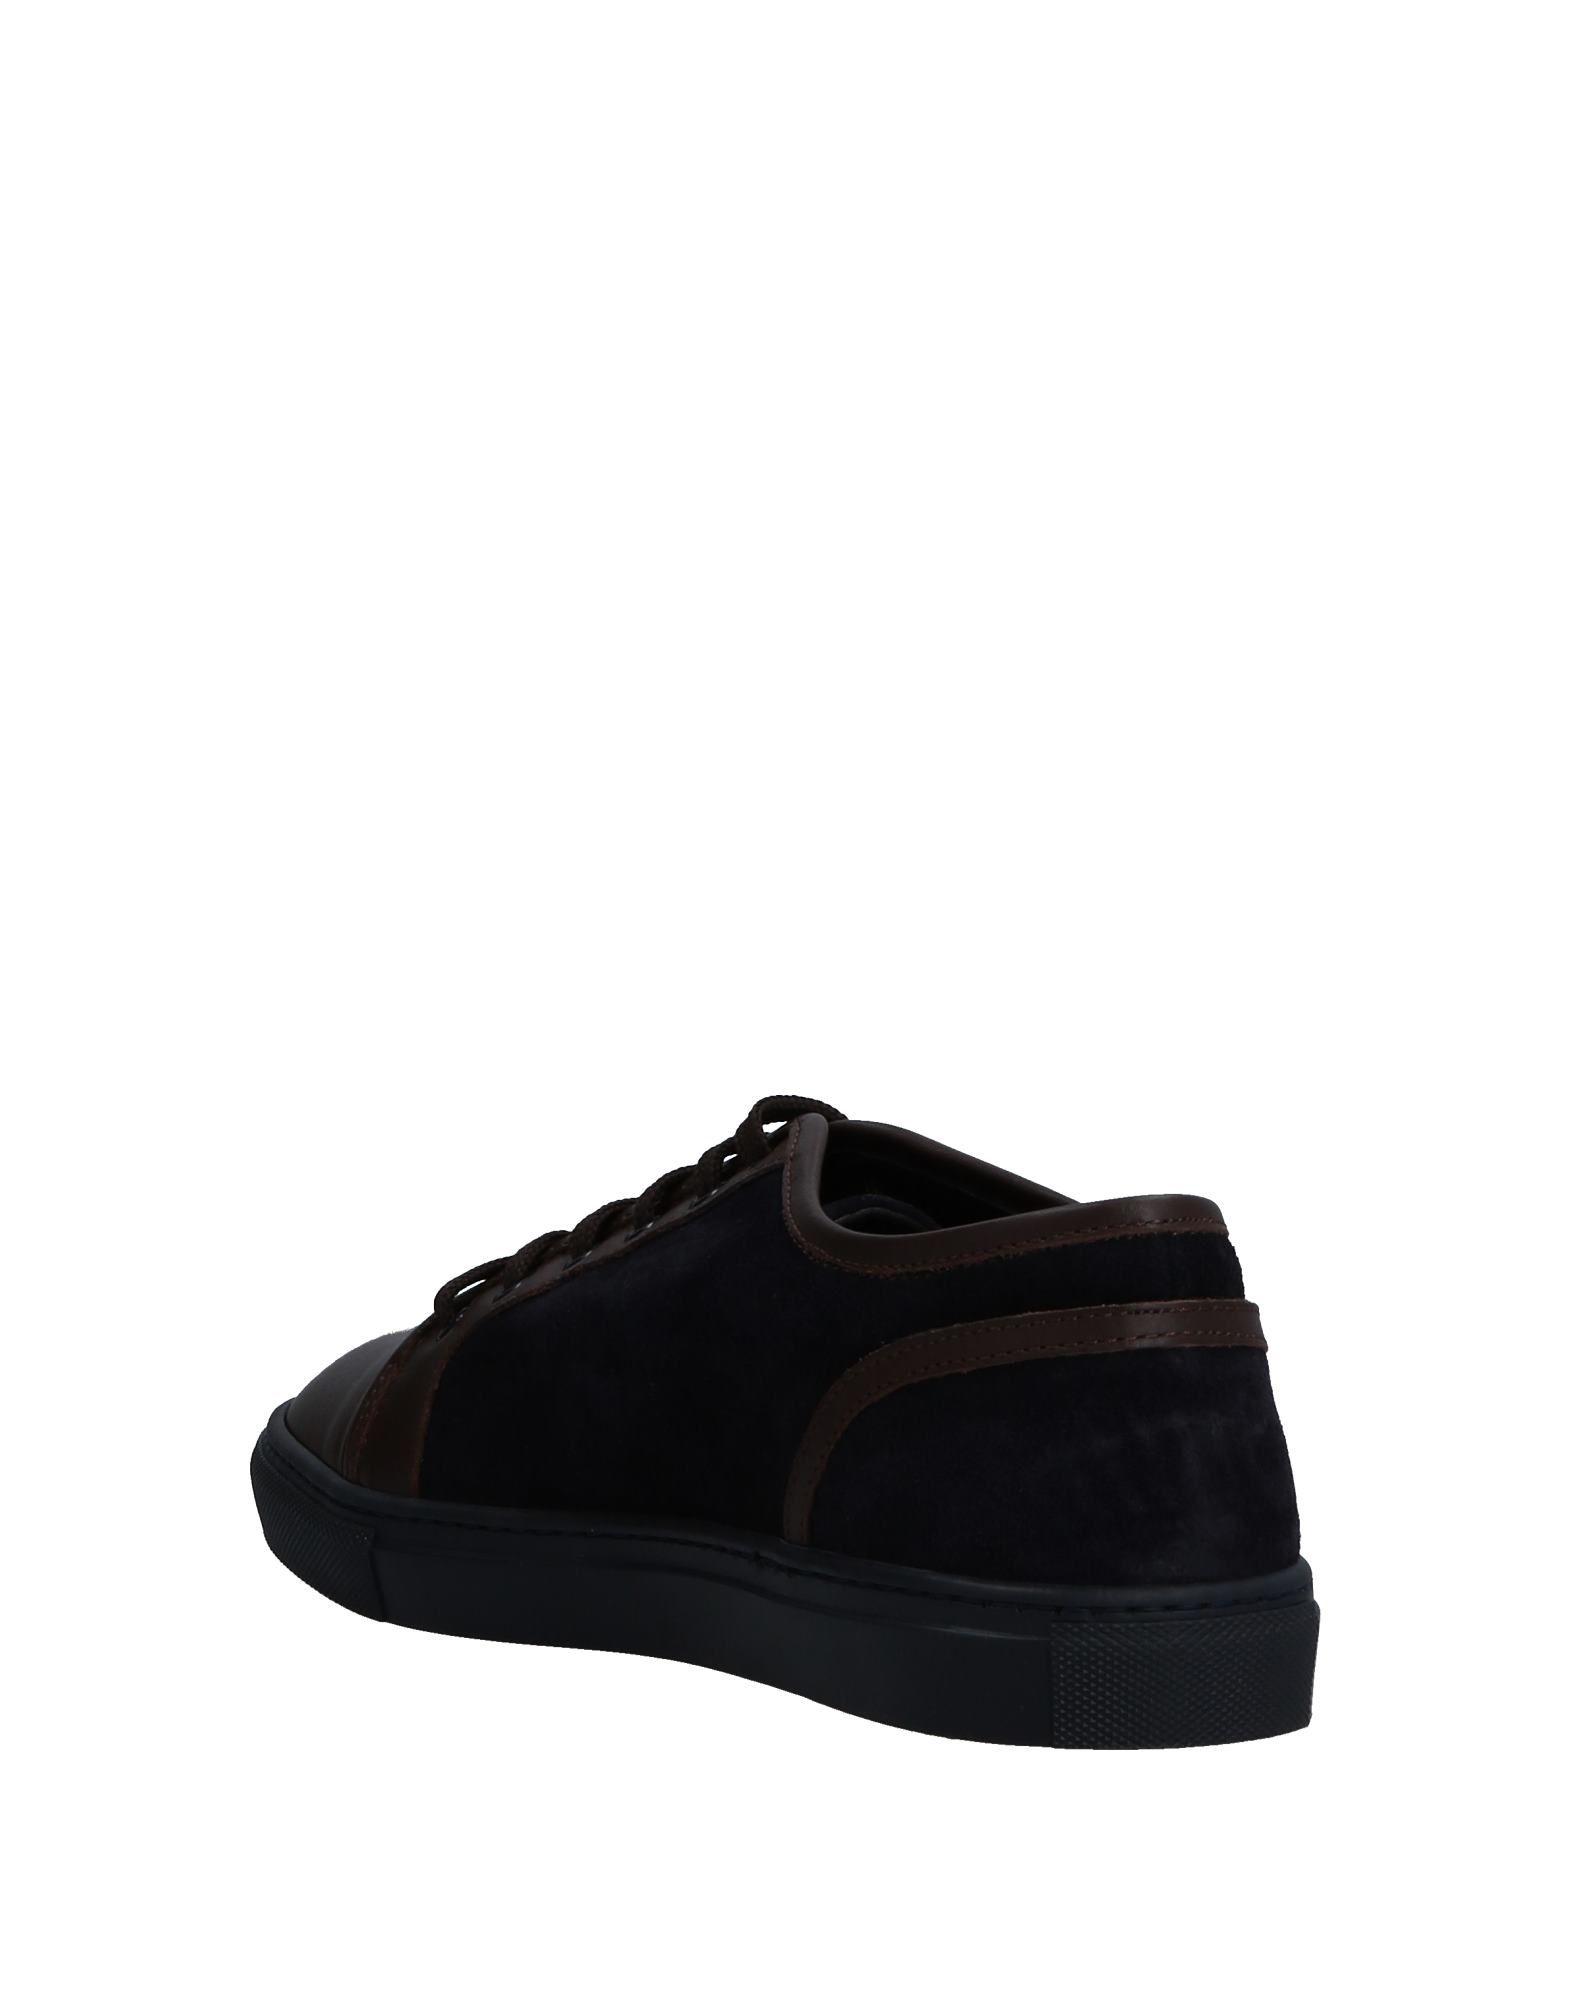 Armani Collezioni Sneakers Herren  11530679BL 11530679BL  8d3058